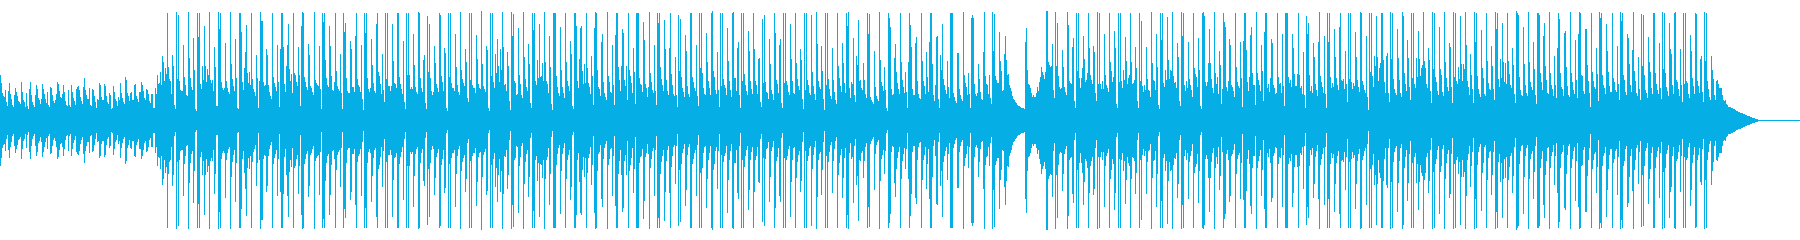 【日常系】ベルが可愛い陽気な曲の再生済みの波形